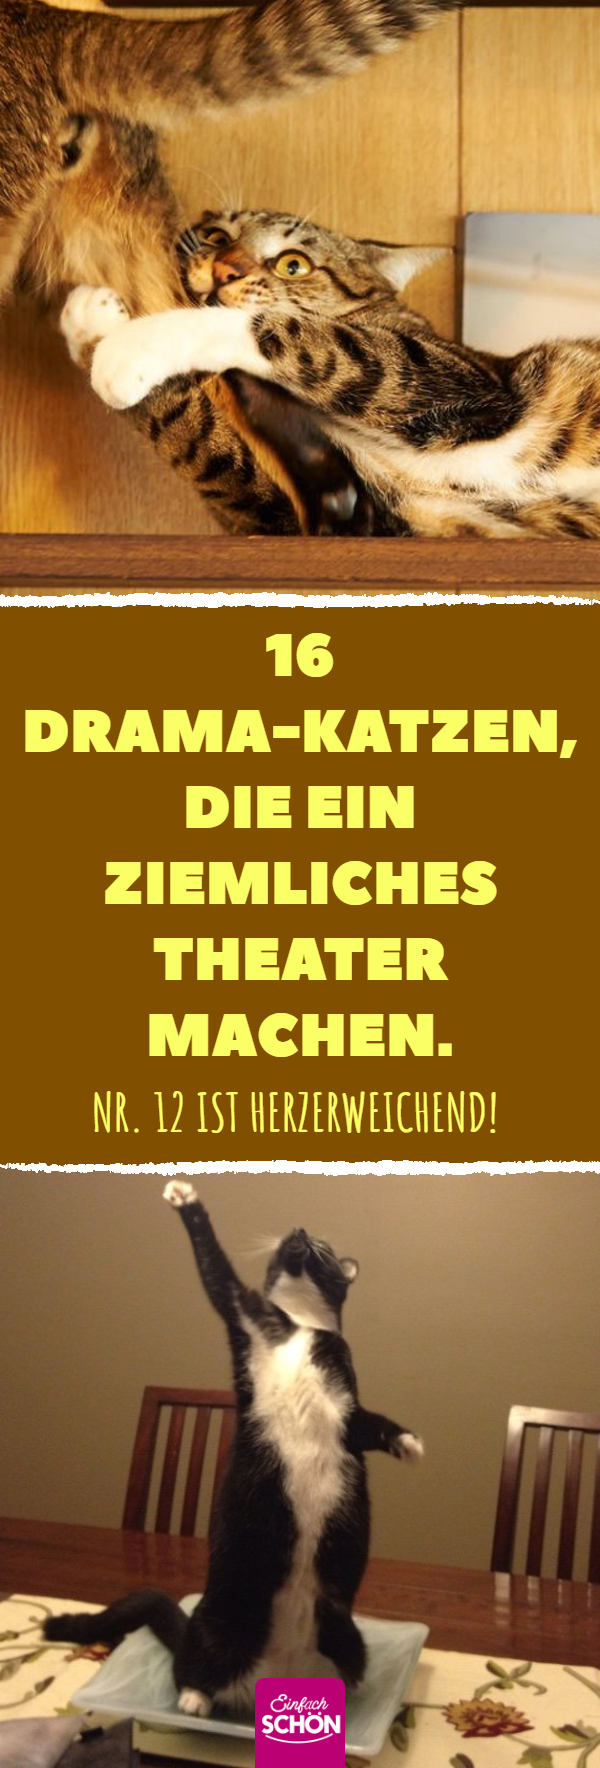 16 Drama-Katzen, die ein ziemliches Theater machen #scenesfrommovies